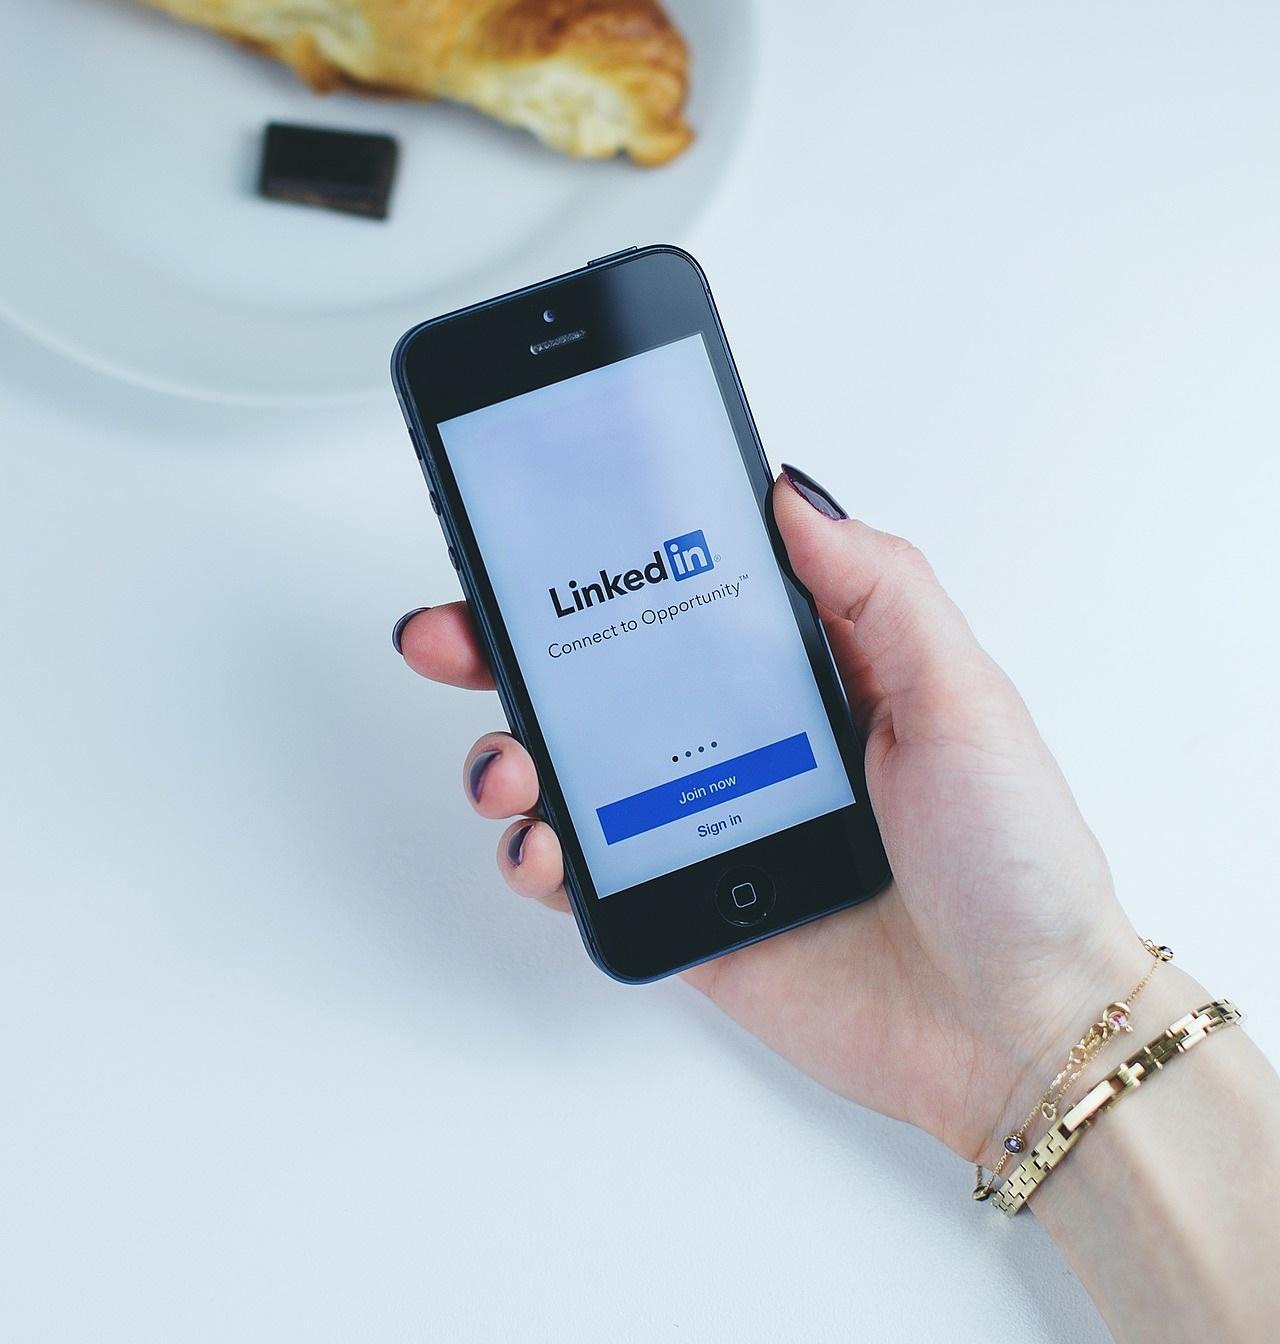 Nutzerzahlen bei LinkedIn: 15 Mio. in DACH und 722 Mio. weltweit